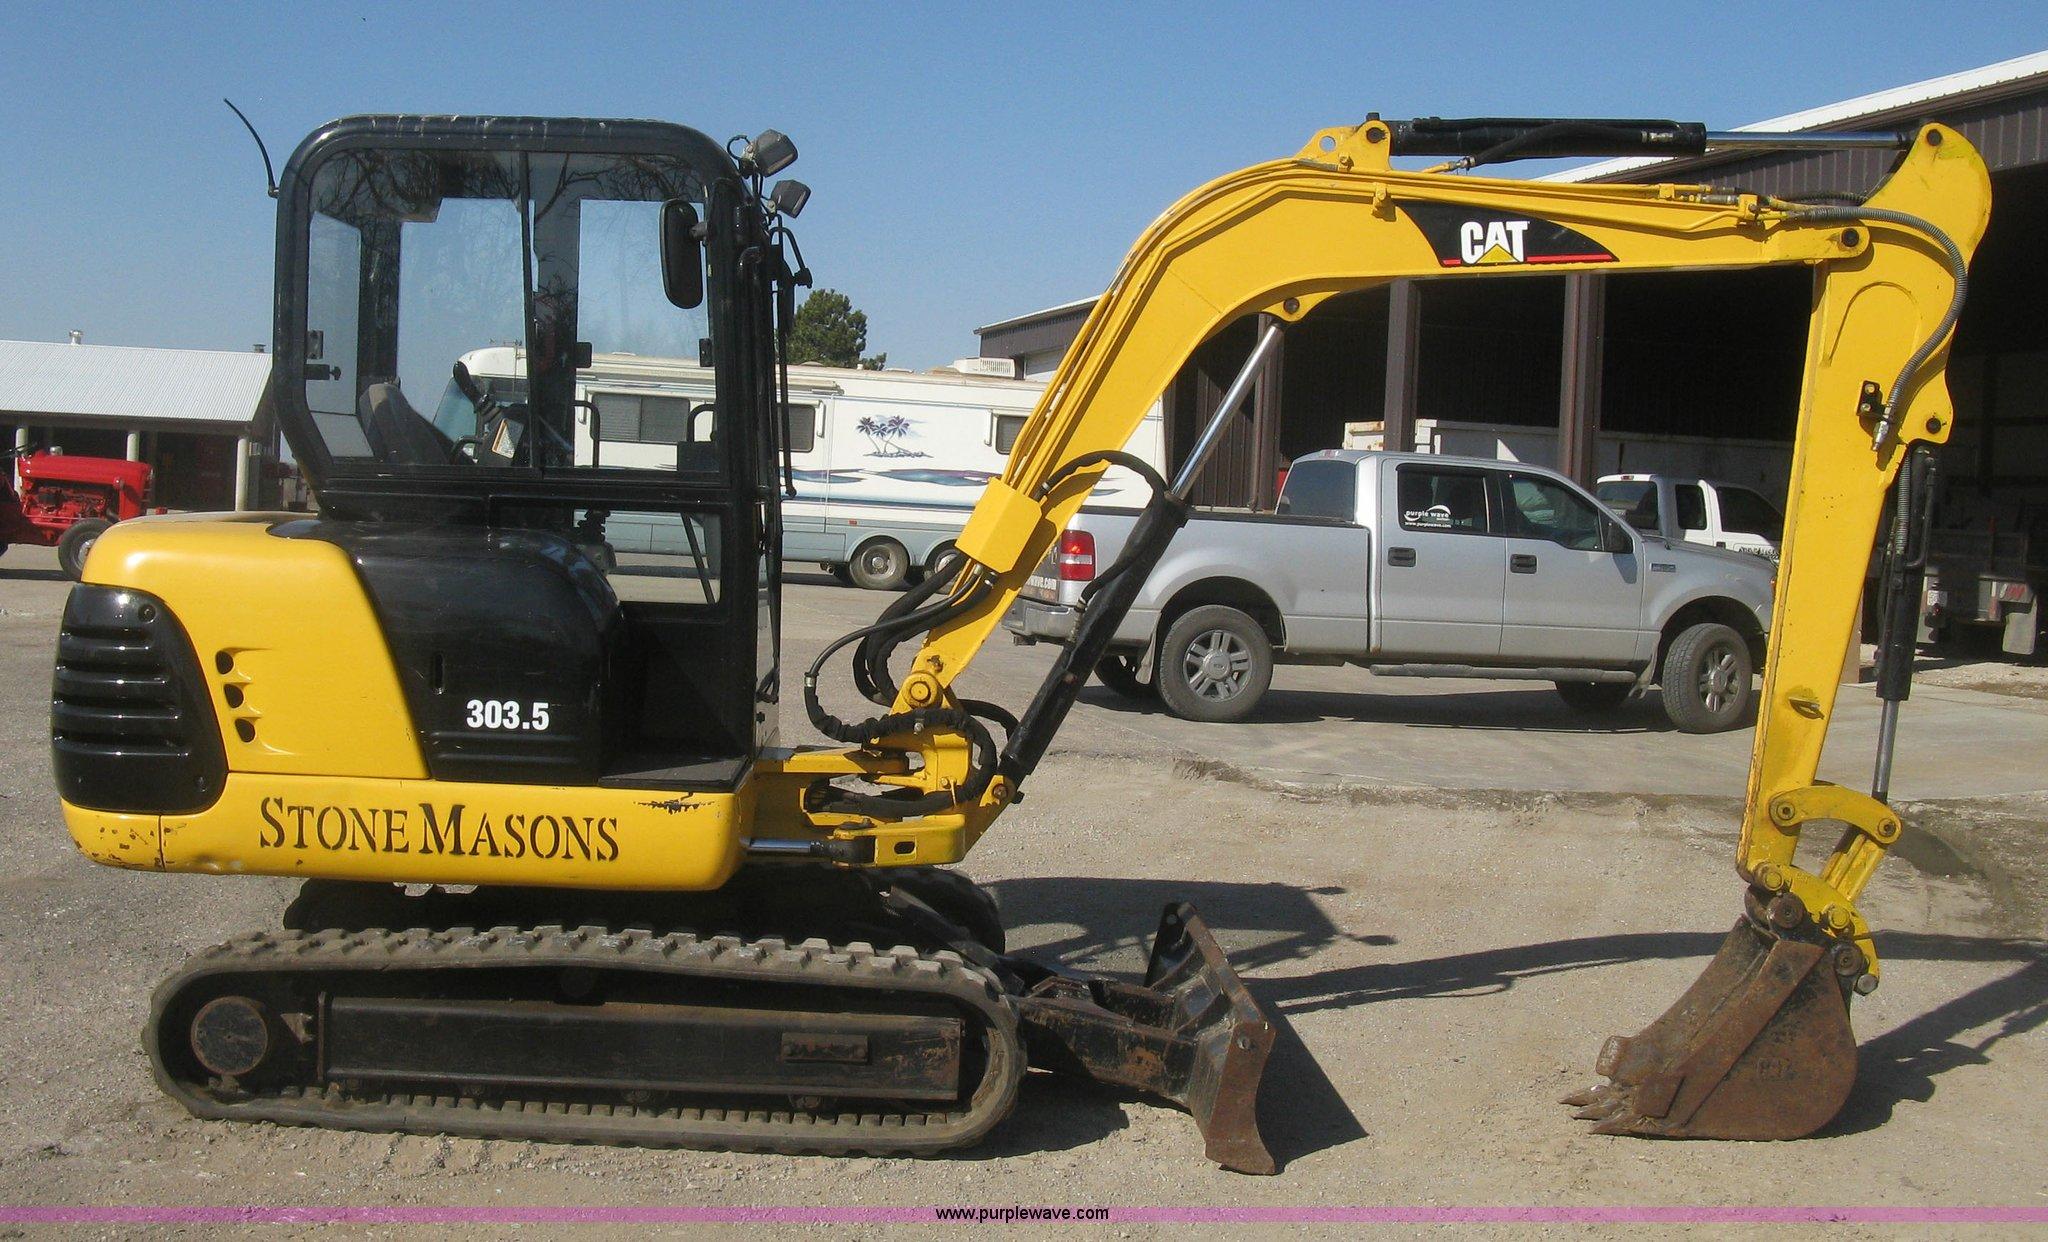 2000 Caterpillar 303 5 compact excavator | Item K2971 | SOLD